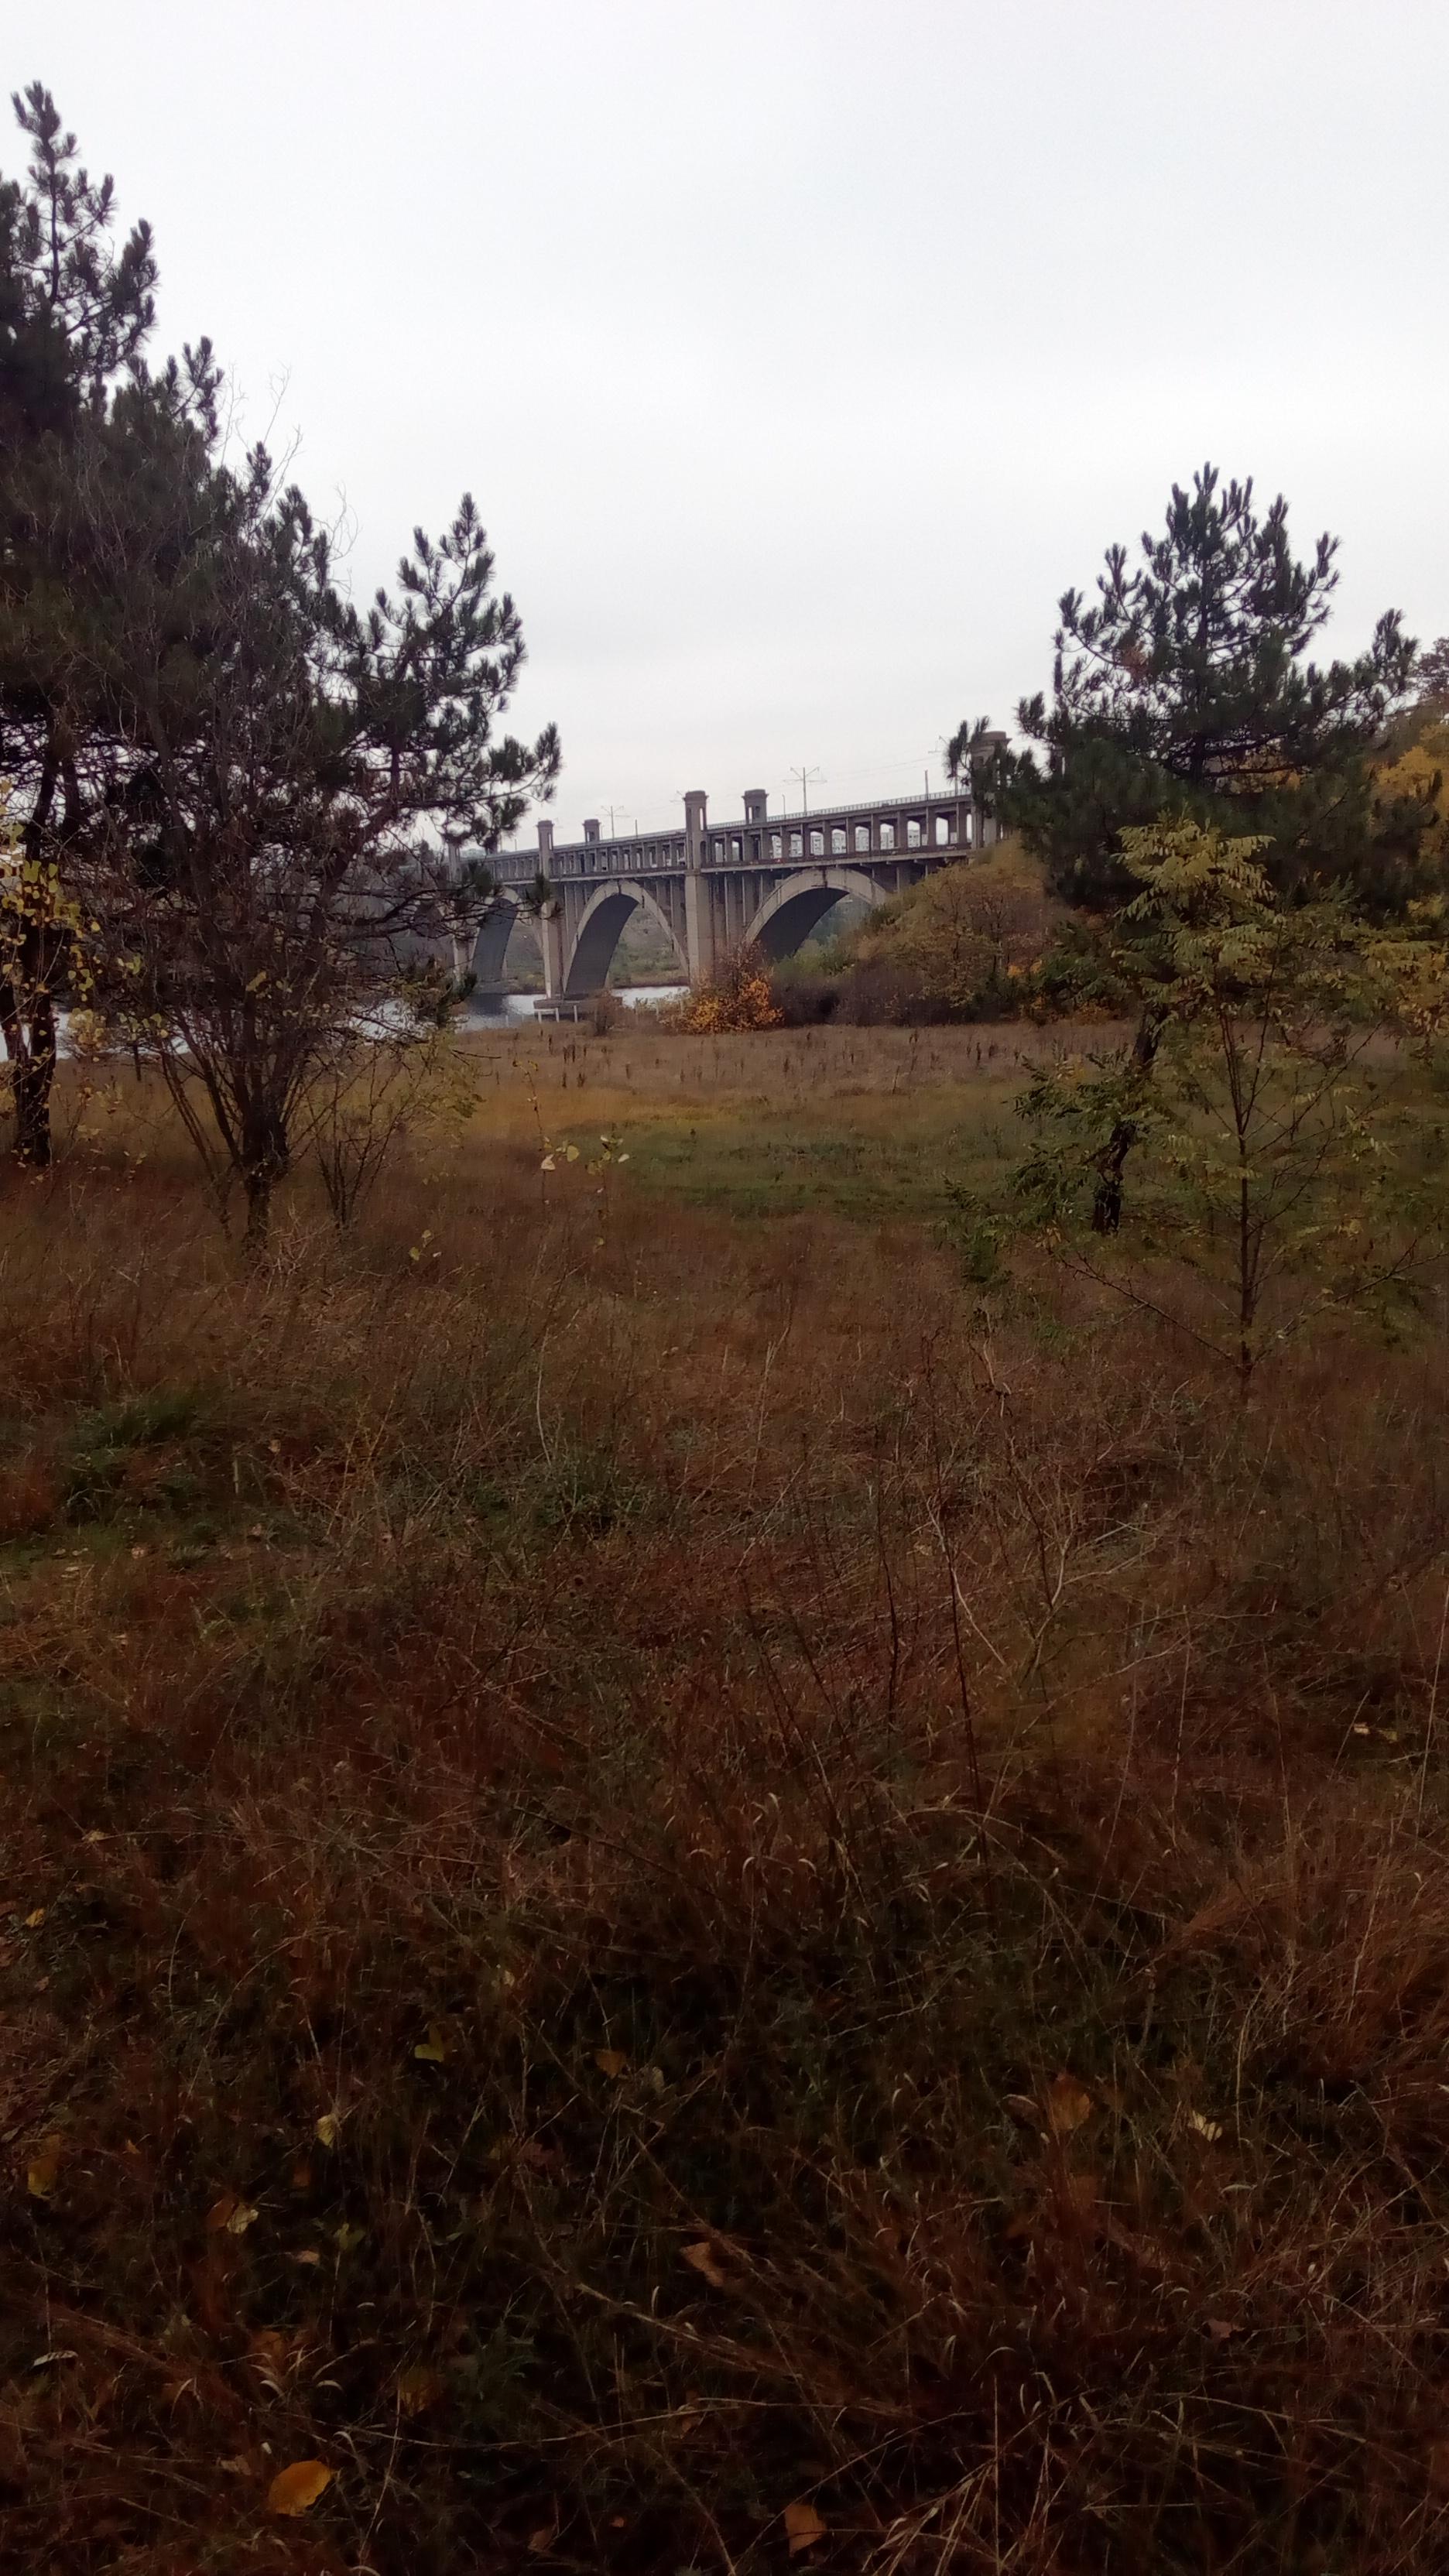 Преображенский мост запорожья